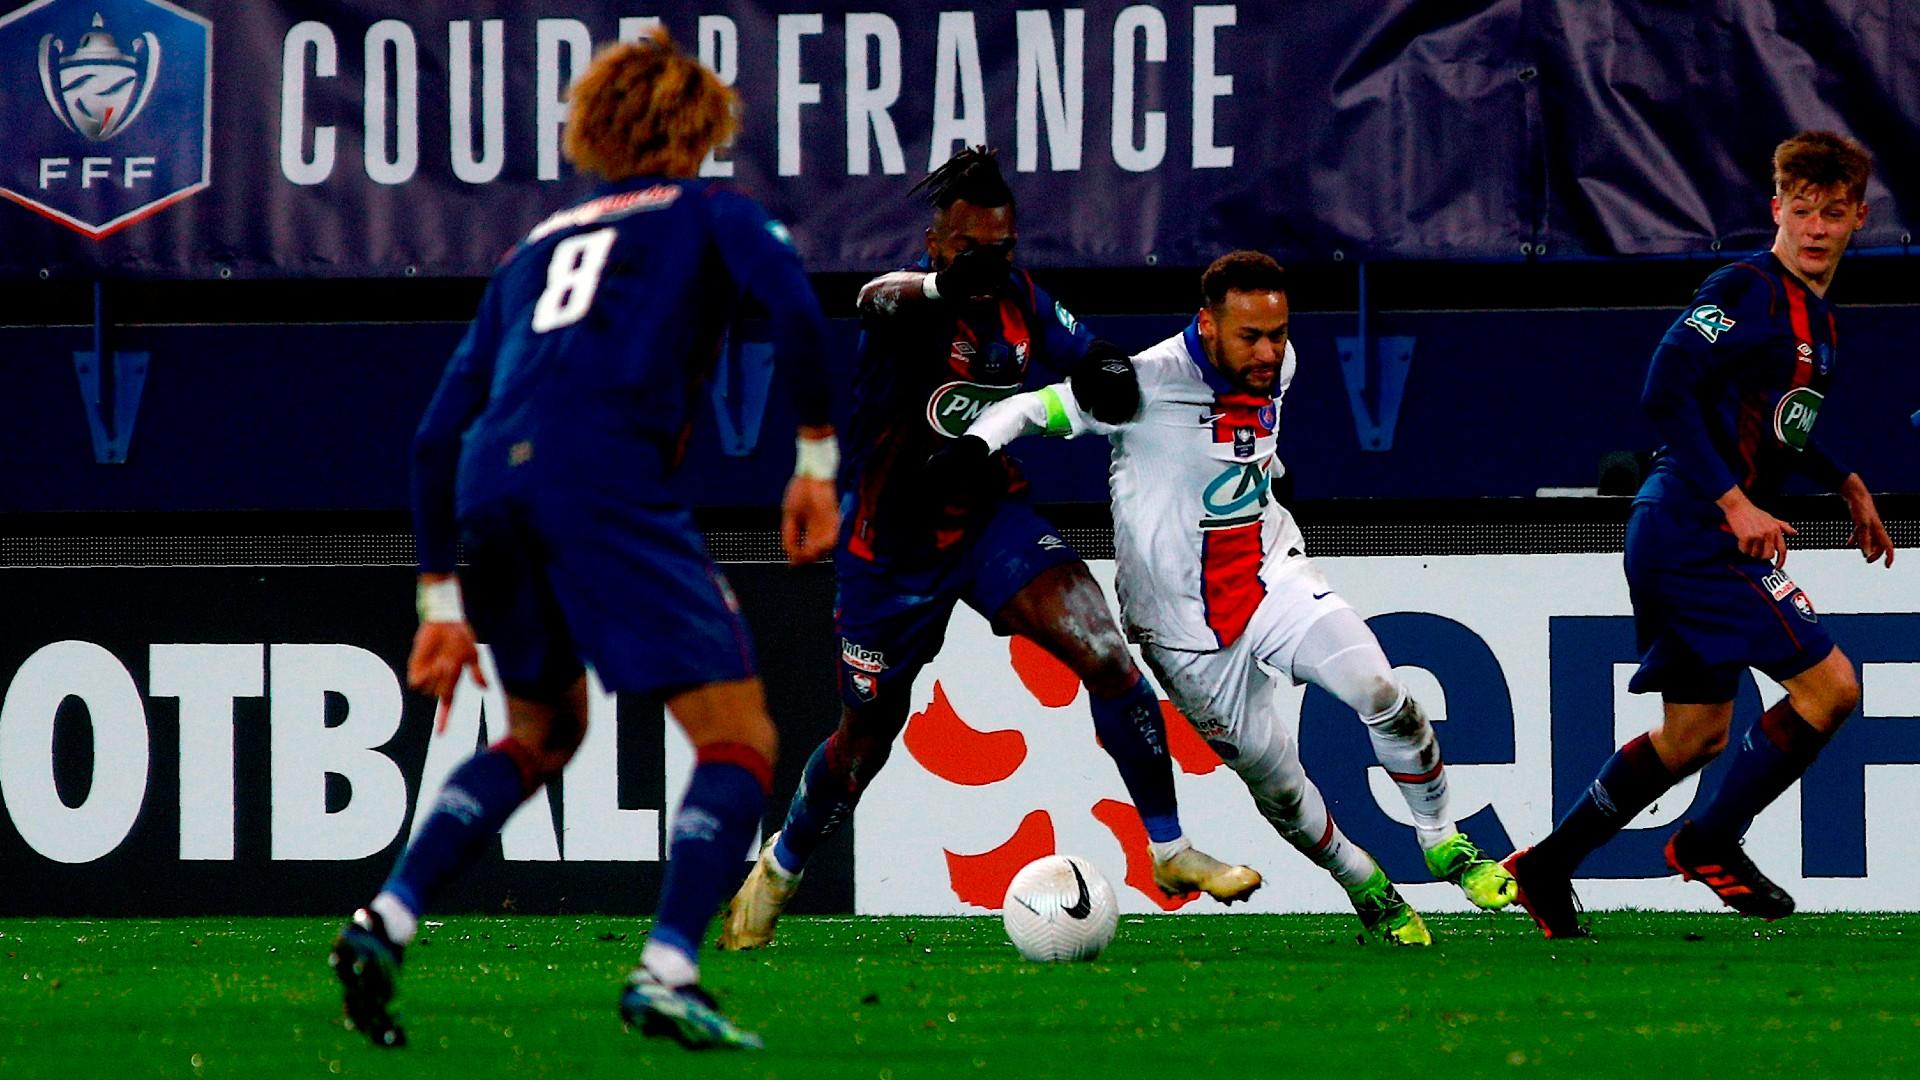 PSG progress in cup but suffer Neymar blow